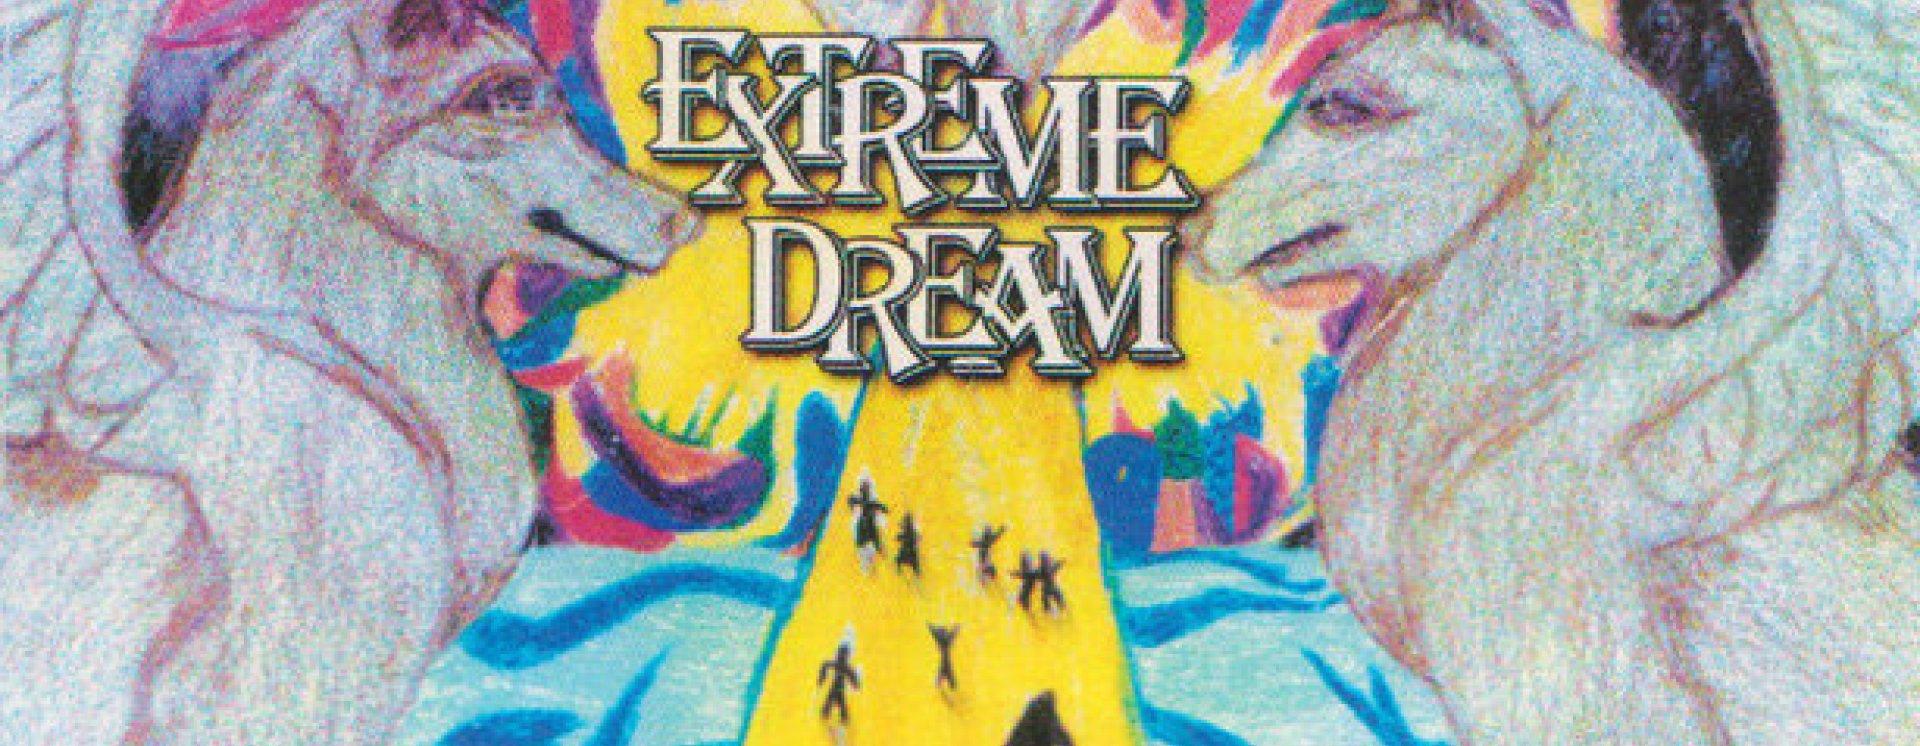 1337271814 extreme dream cover copy